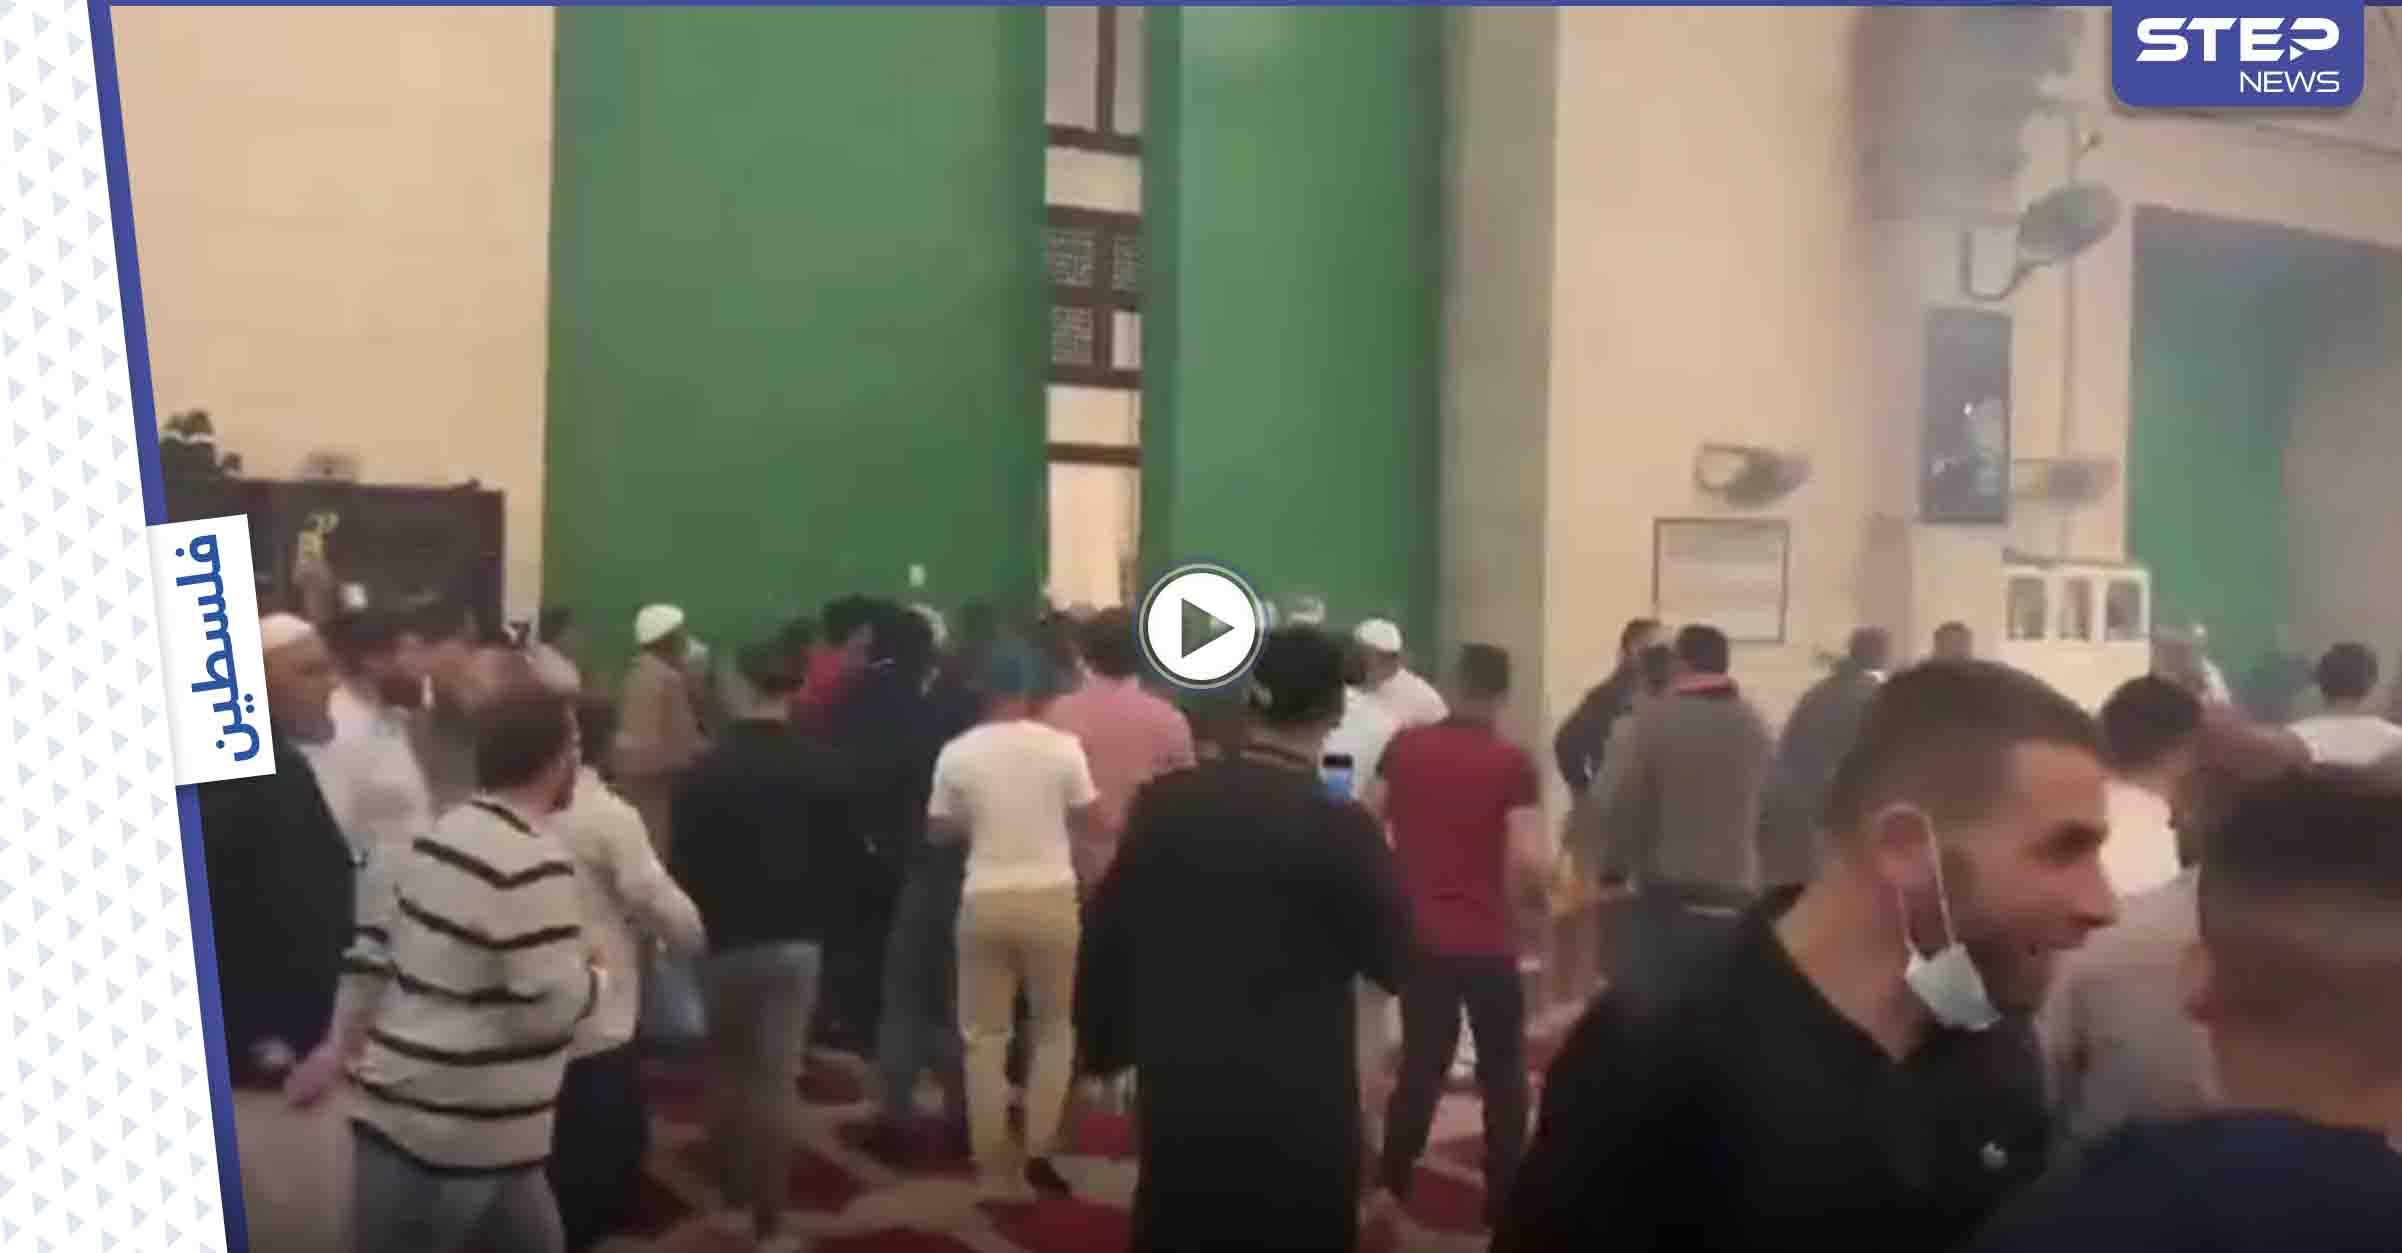 بالفيديو || اقتحام المسجد الأقصى يخلف مئات الجرحى.. وإدانات عربية ودولية وعباس يدعو لانعقاد مجلس الأمن